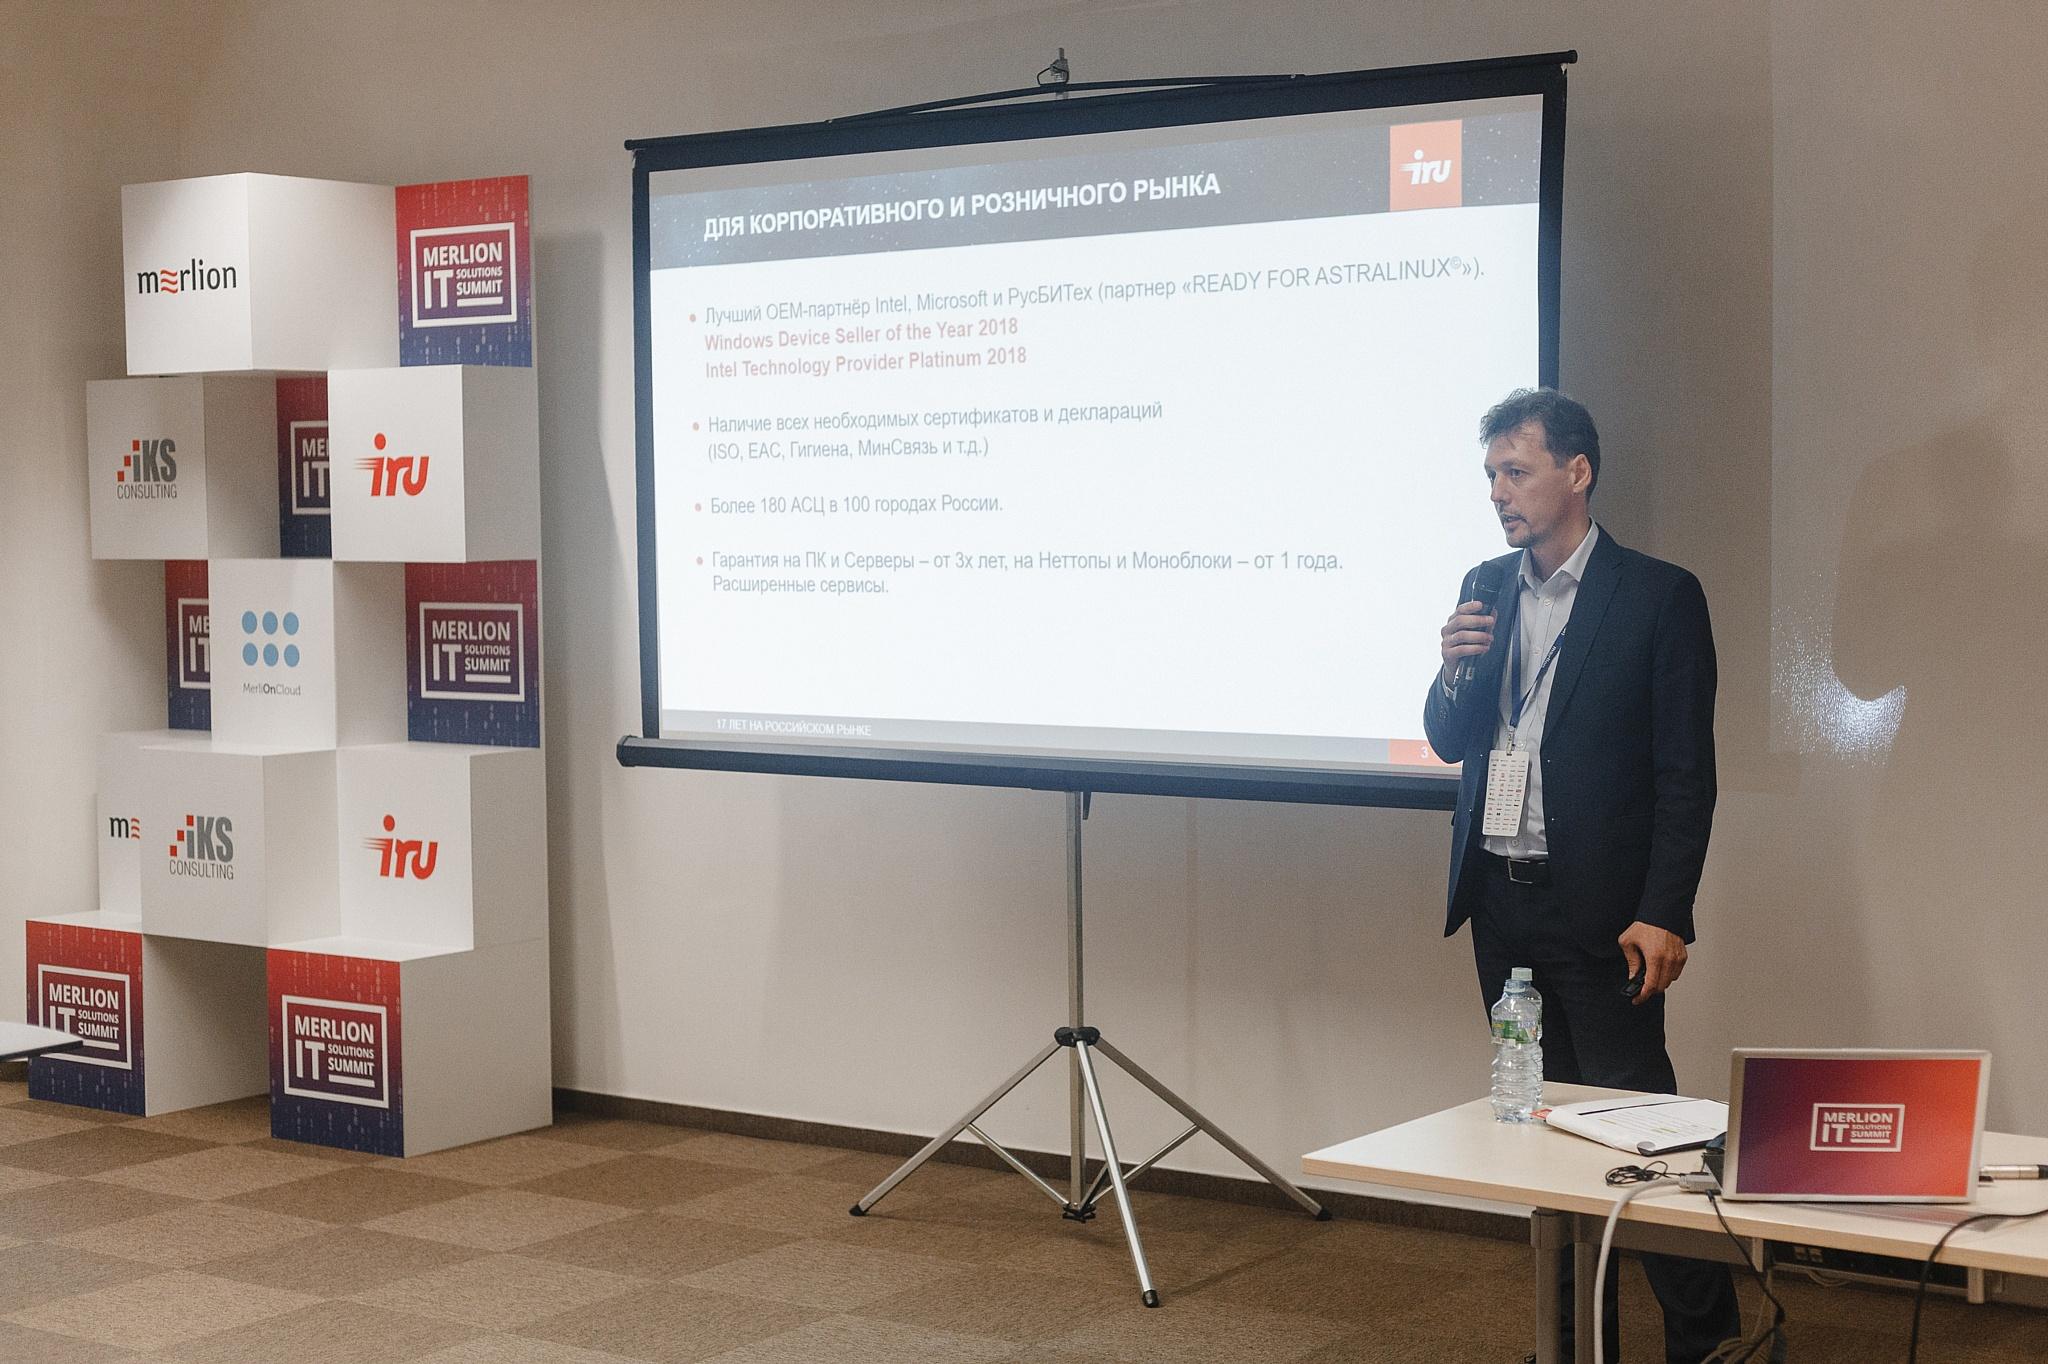 Компания iRU выступила стратегическим партнером Merlion IT Solutions Summit